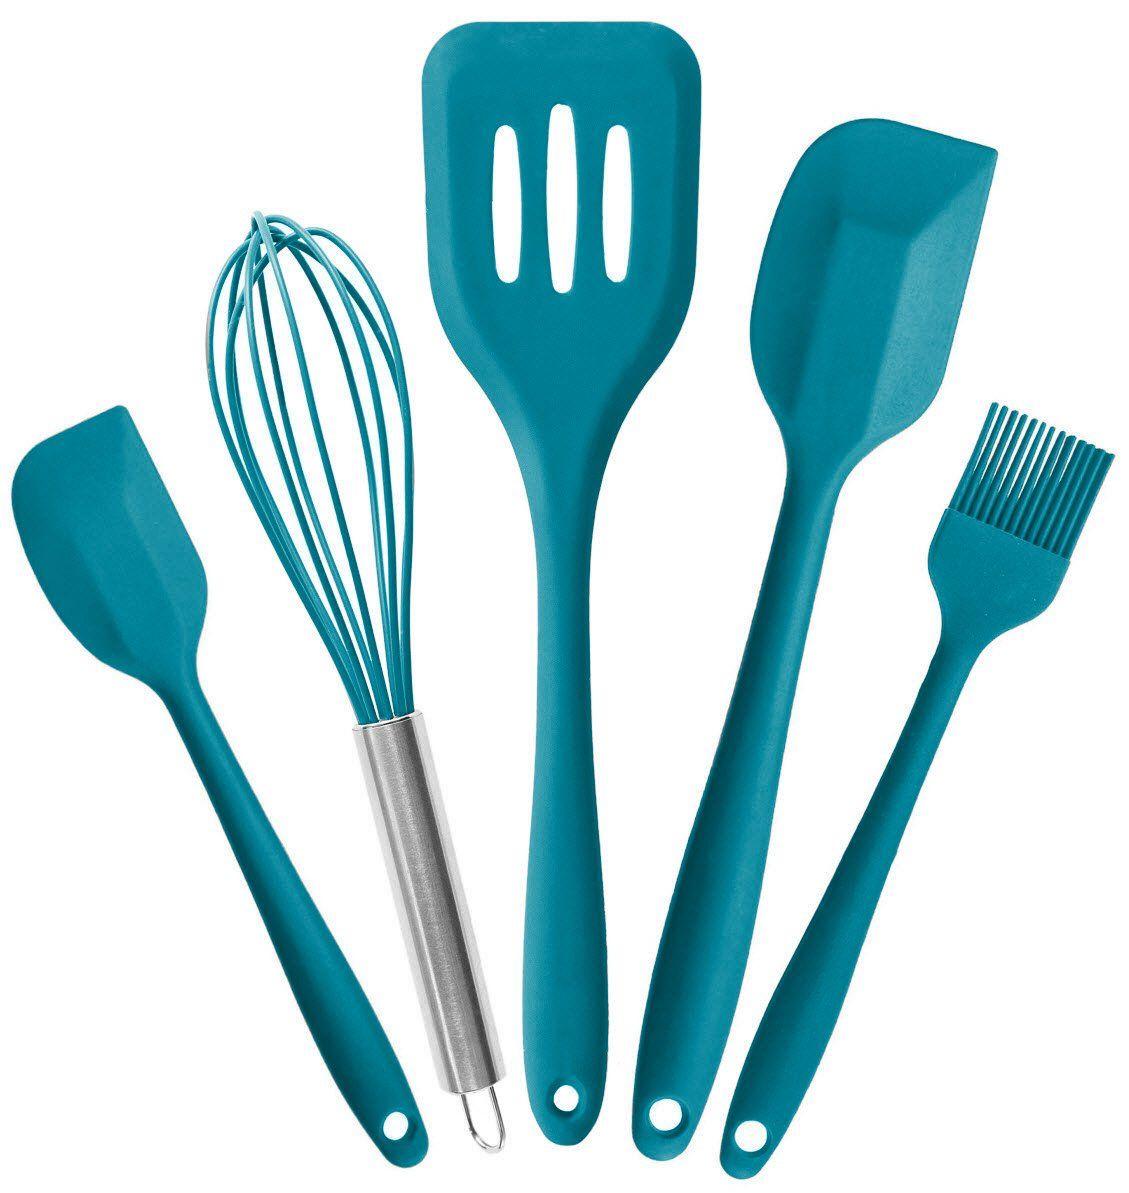 StarPack Premium Silicone Kitchen Utensils Set (5 Piece) in Hygienic ...